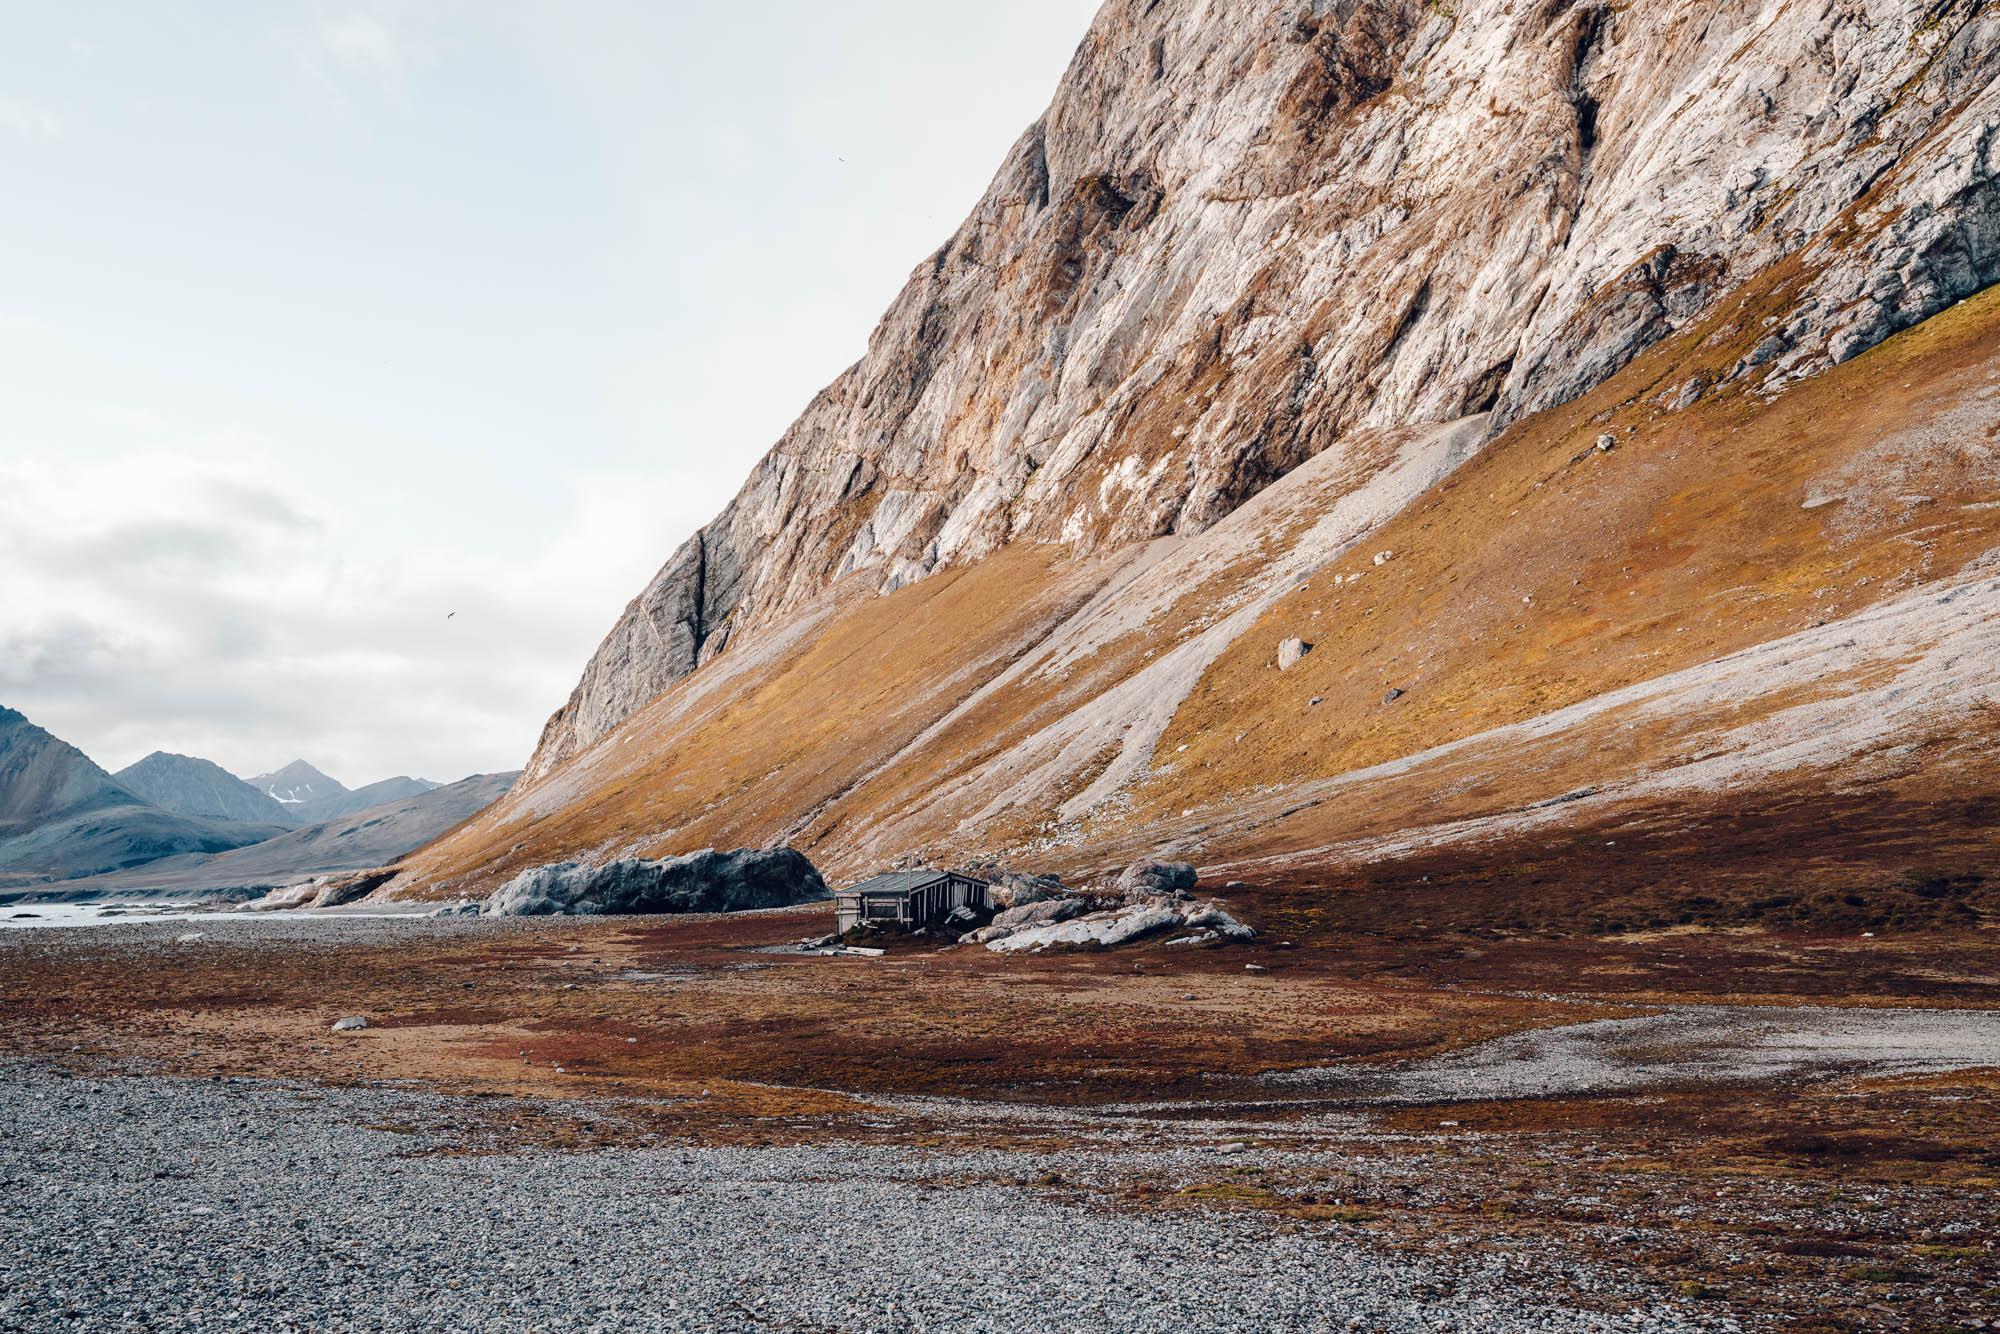 Bird cliffs in Svalbard, Spitsbergen, Norway